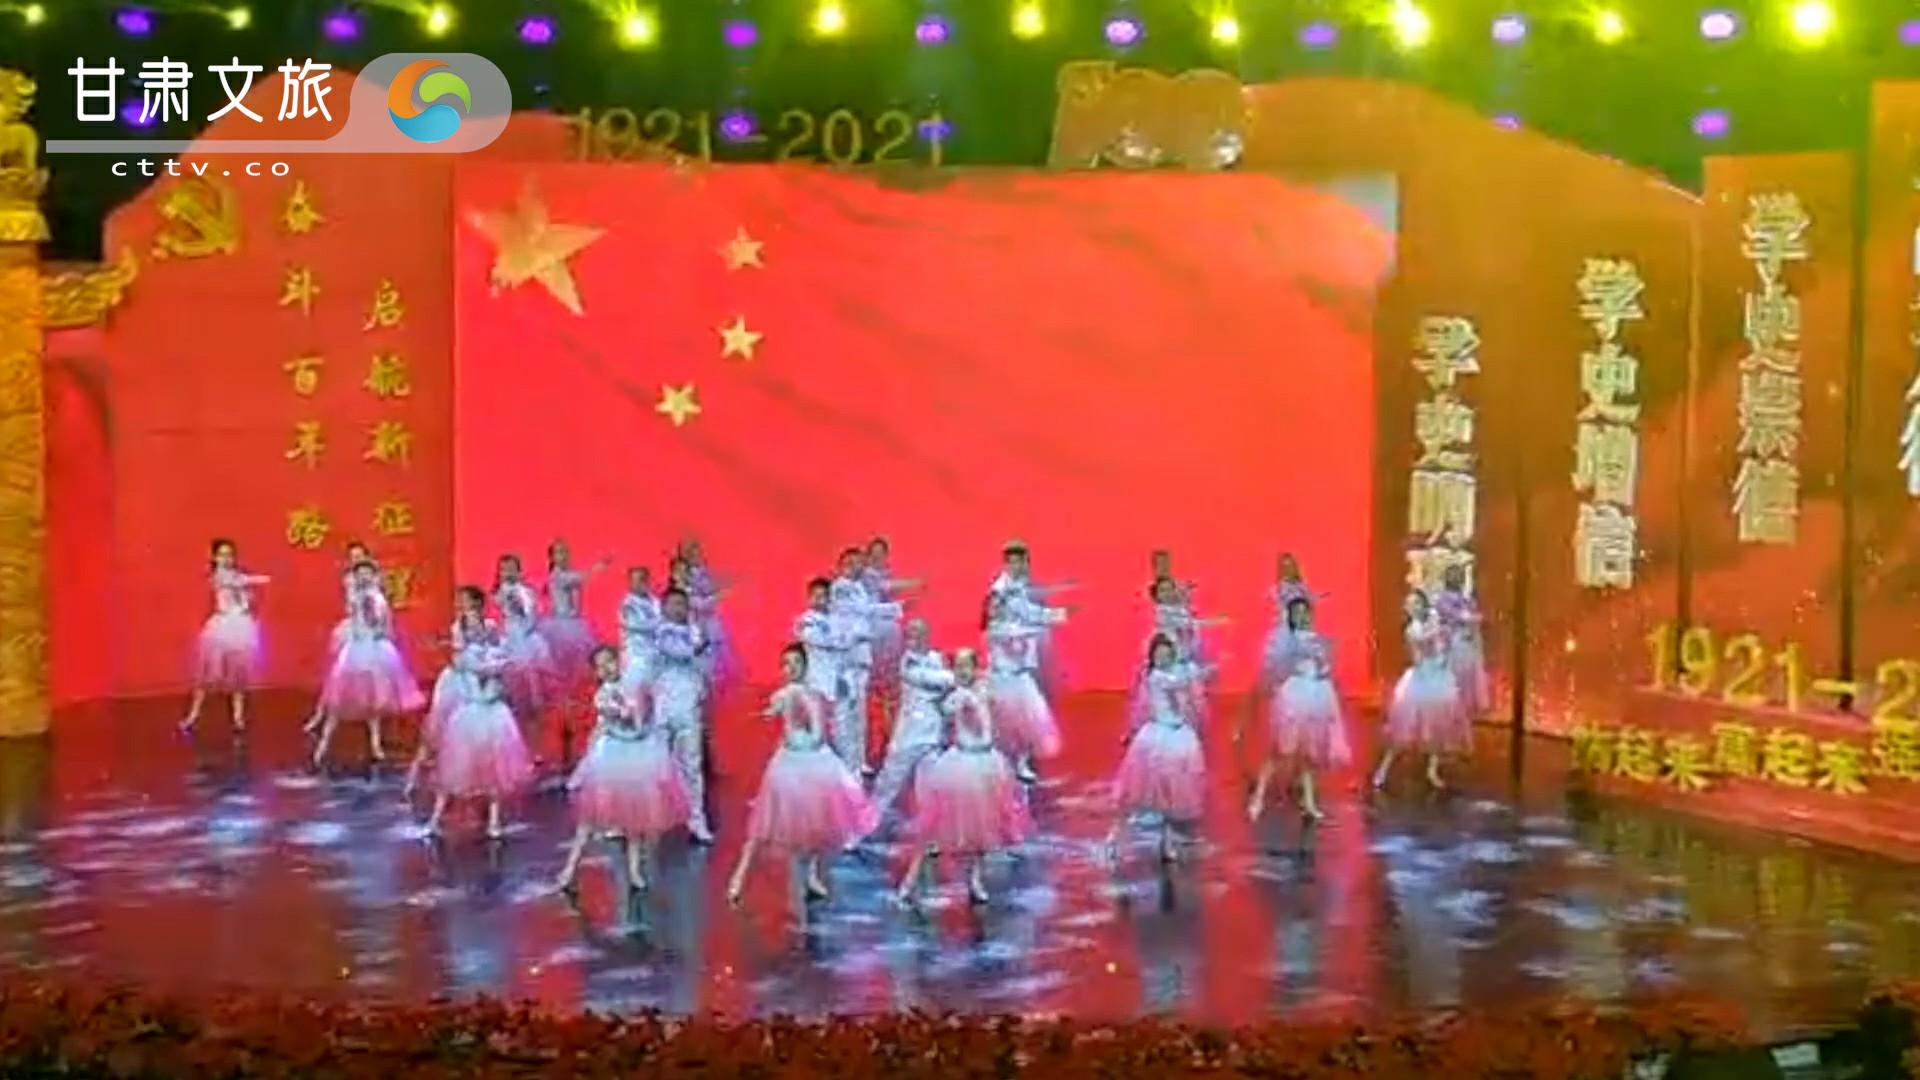 甘肃省曲协优秀曲艺作品展播——情景音乐说唱《百年奋进铸辉煌》